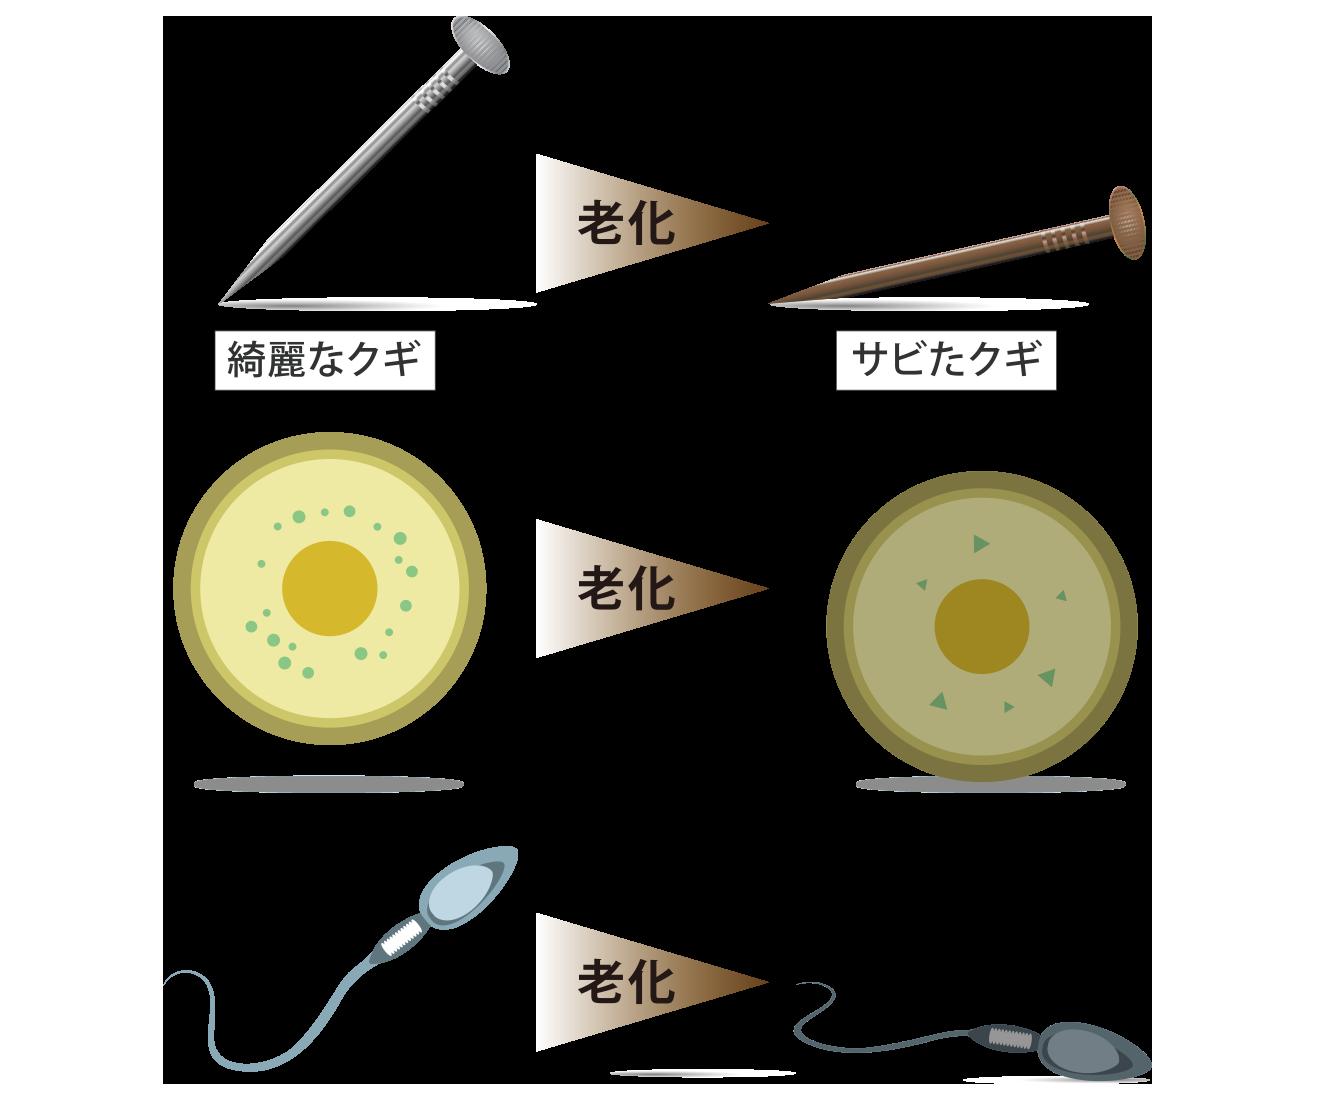 錆びた釘と錆びた精子・卵子